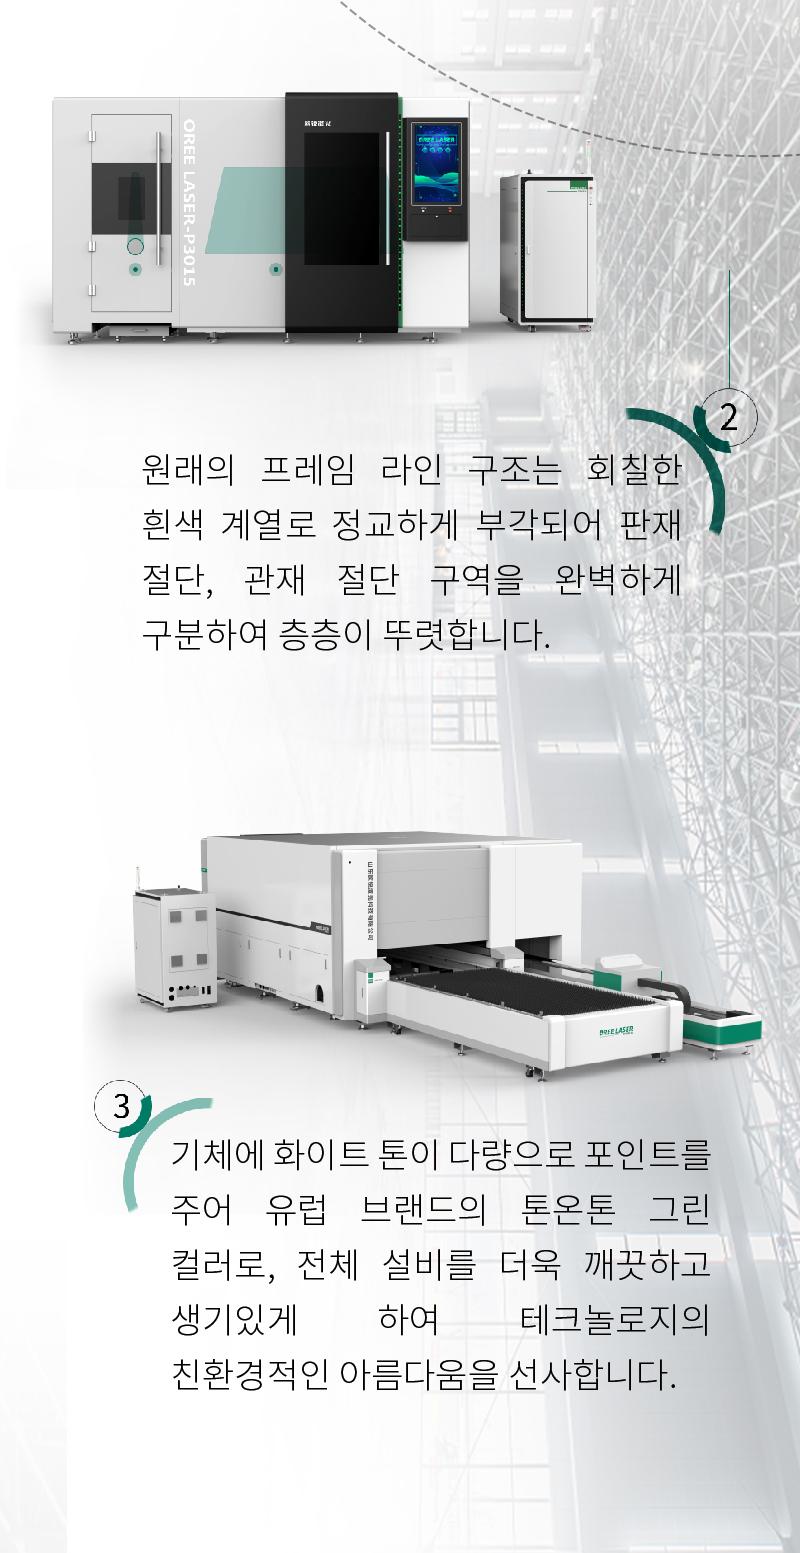 PT升级-韩语_画板-1_02.jpg